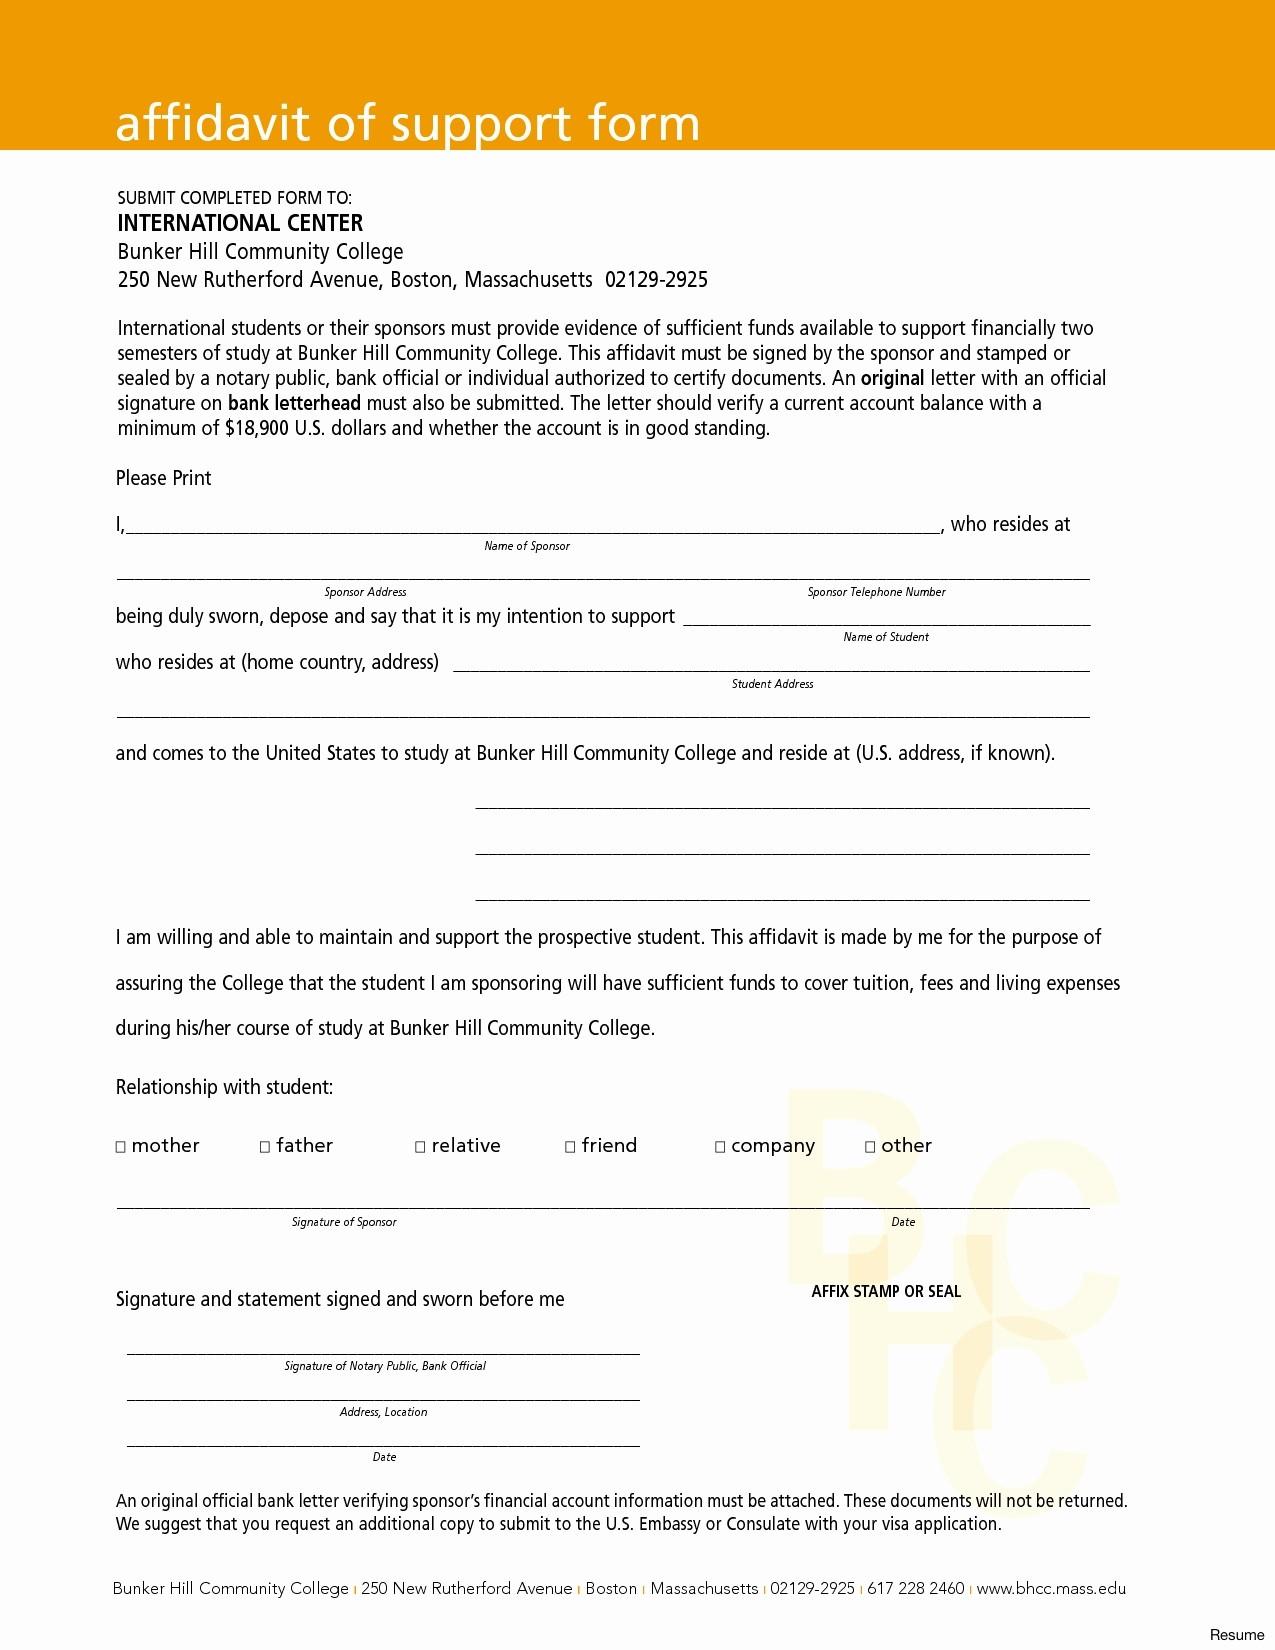 Affidavit Of Support Template Letter - form I 134 Affidavit Support Best 50 Fresh Letter Financial